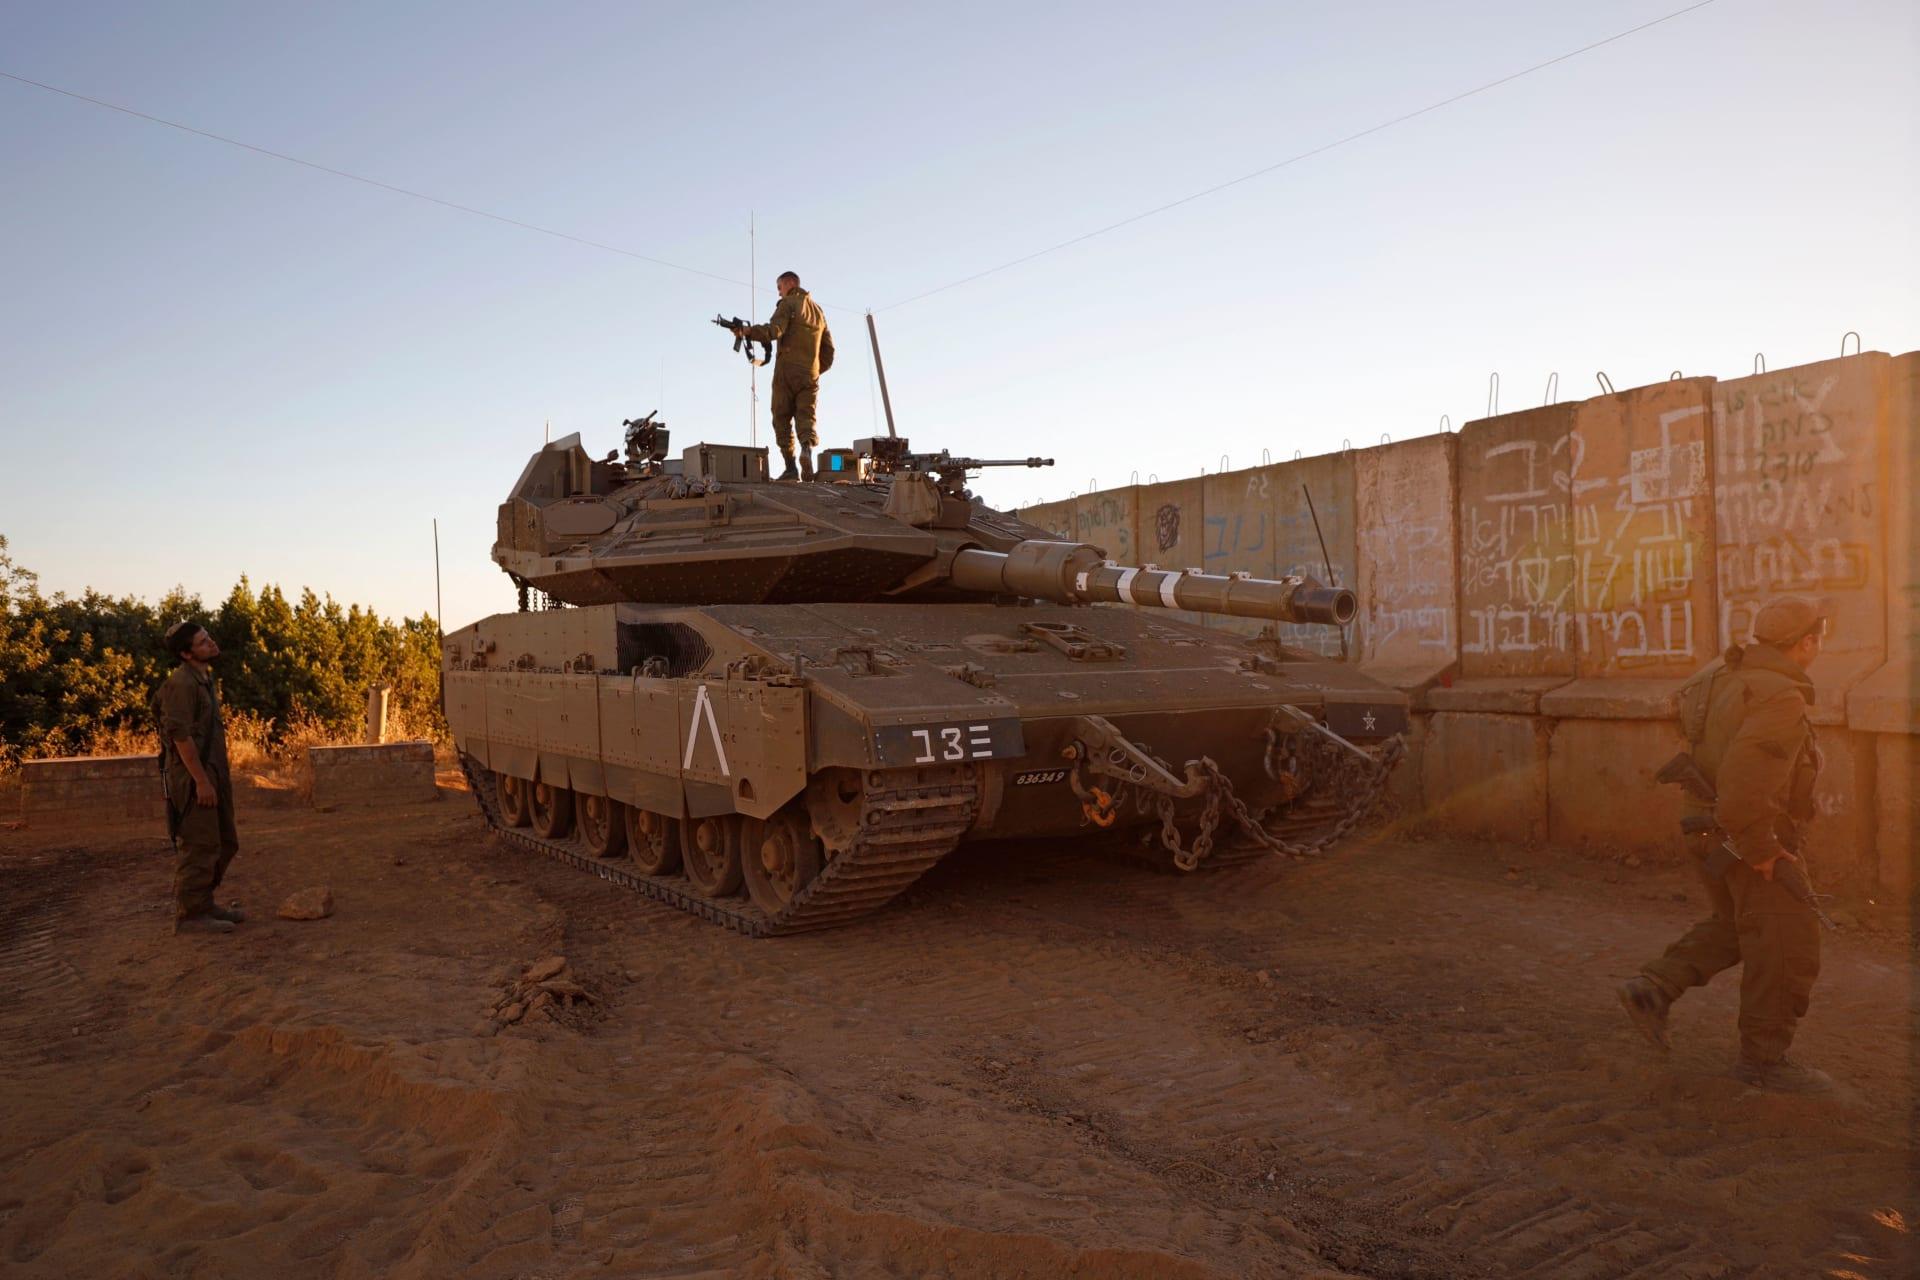 تمركز جنود إسرائيليون بالقرب من مستوطنة شتولا شمال إسرائيل على طول الحدود مع لبنان، في 19 مايو 2021.